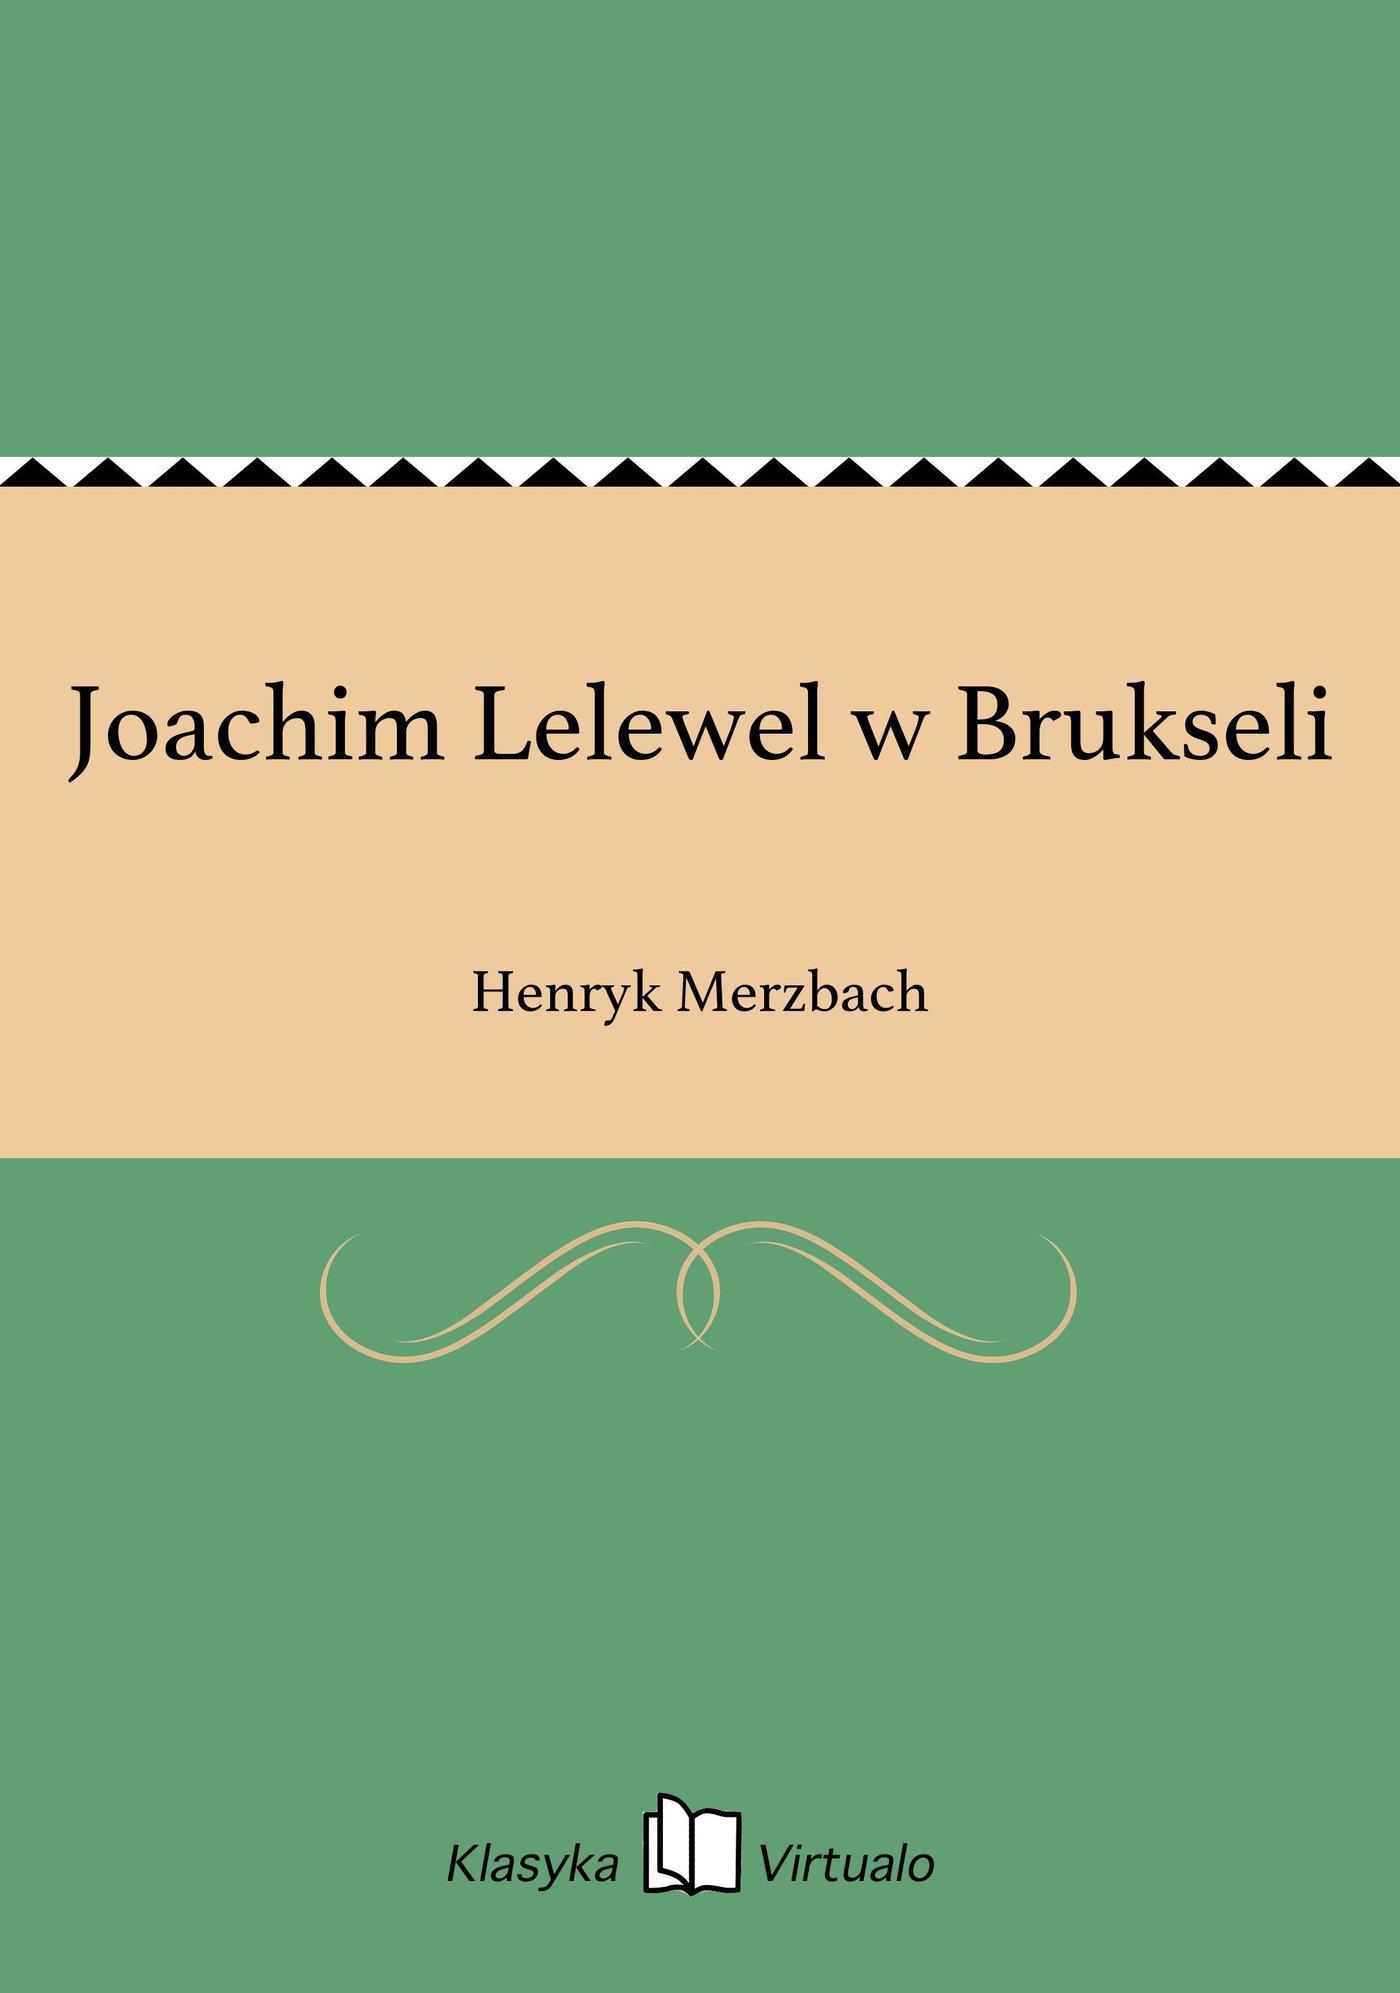 Joachim Lelewel w Brukseli - Ebook (Książka na Kindle) do pobrania w formacie MOBI